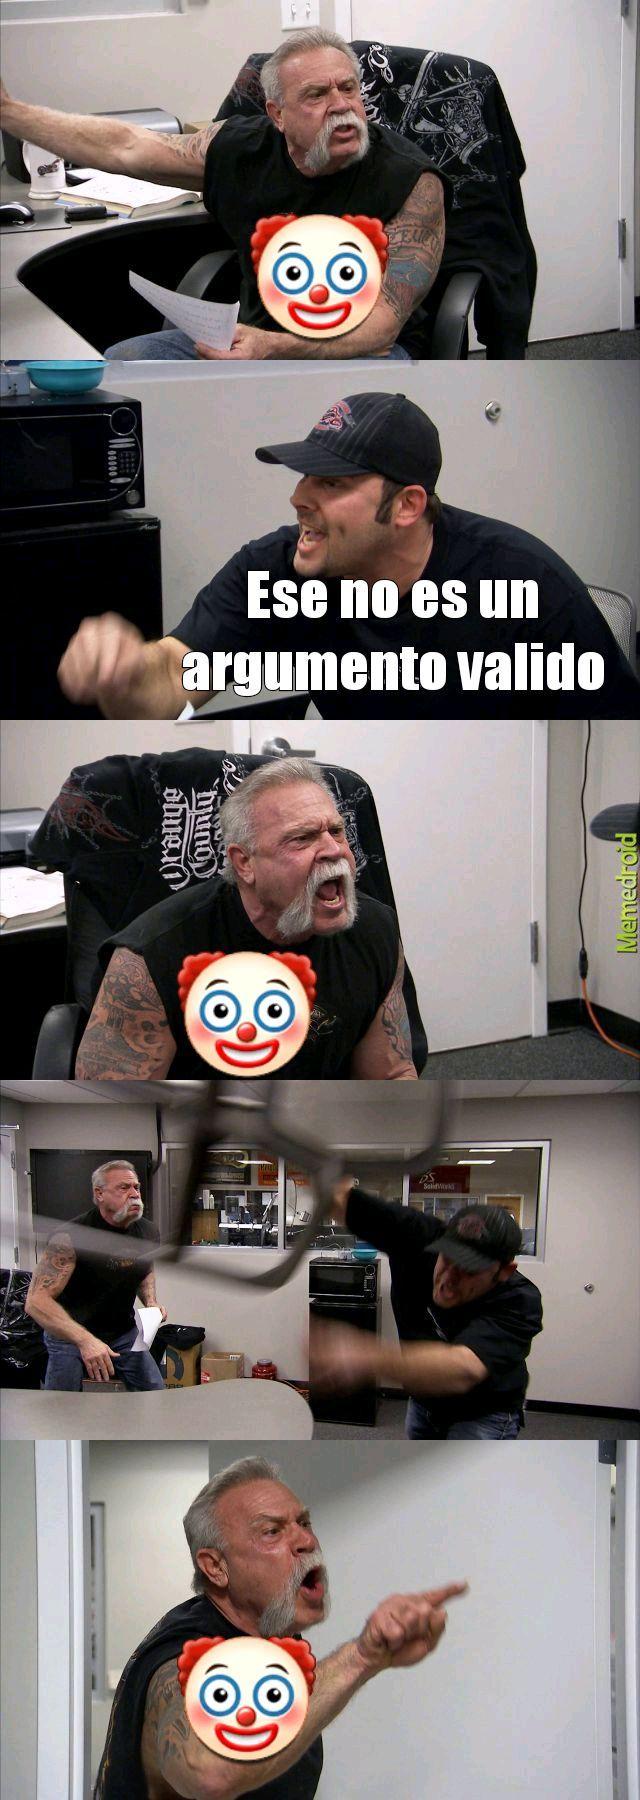 No lo es - meme